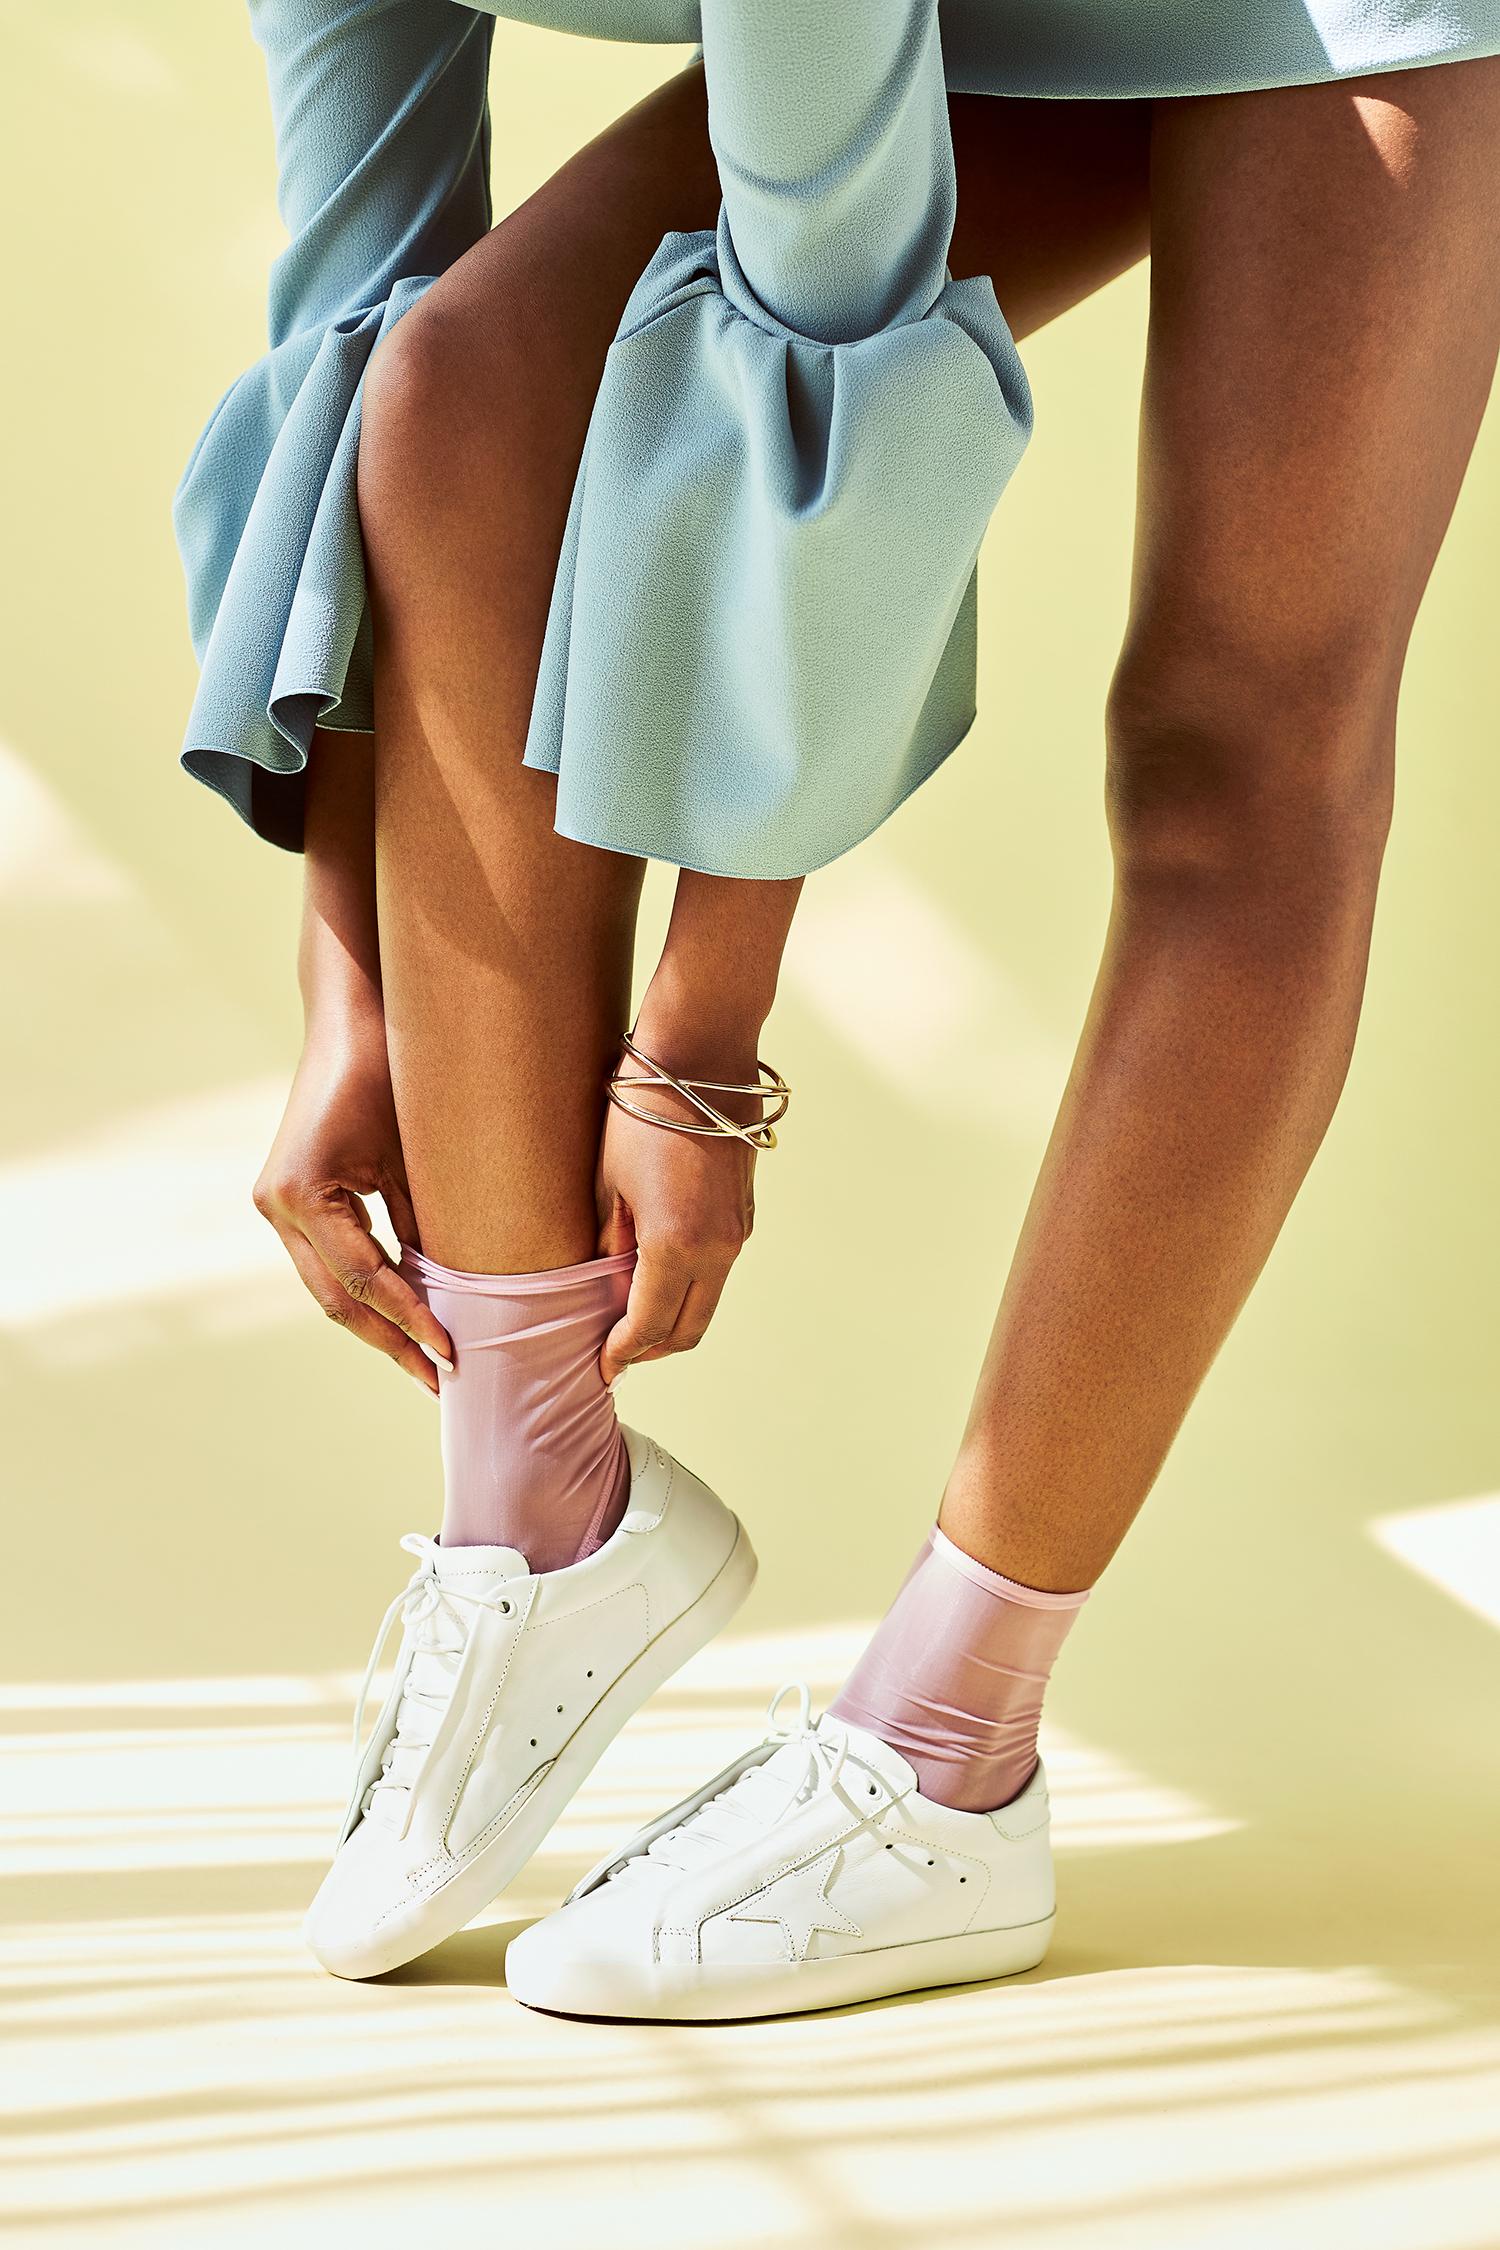 04_Sneakers_134.jpg